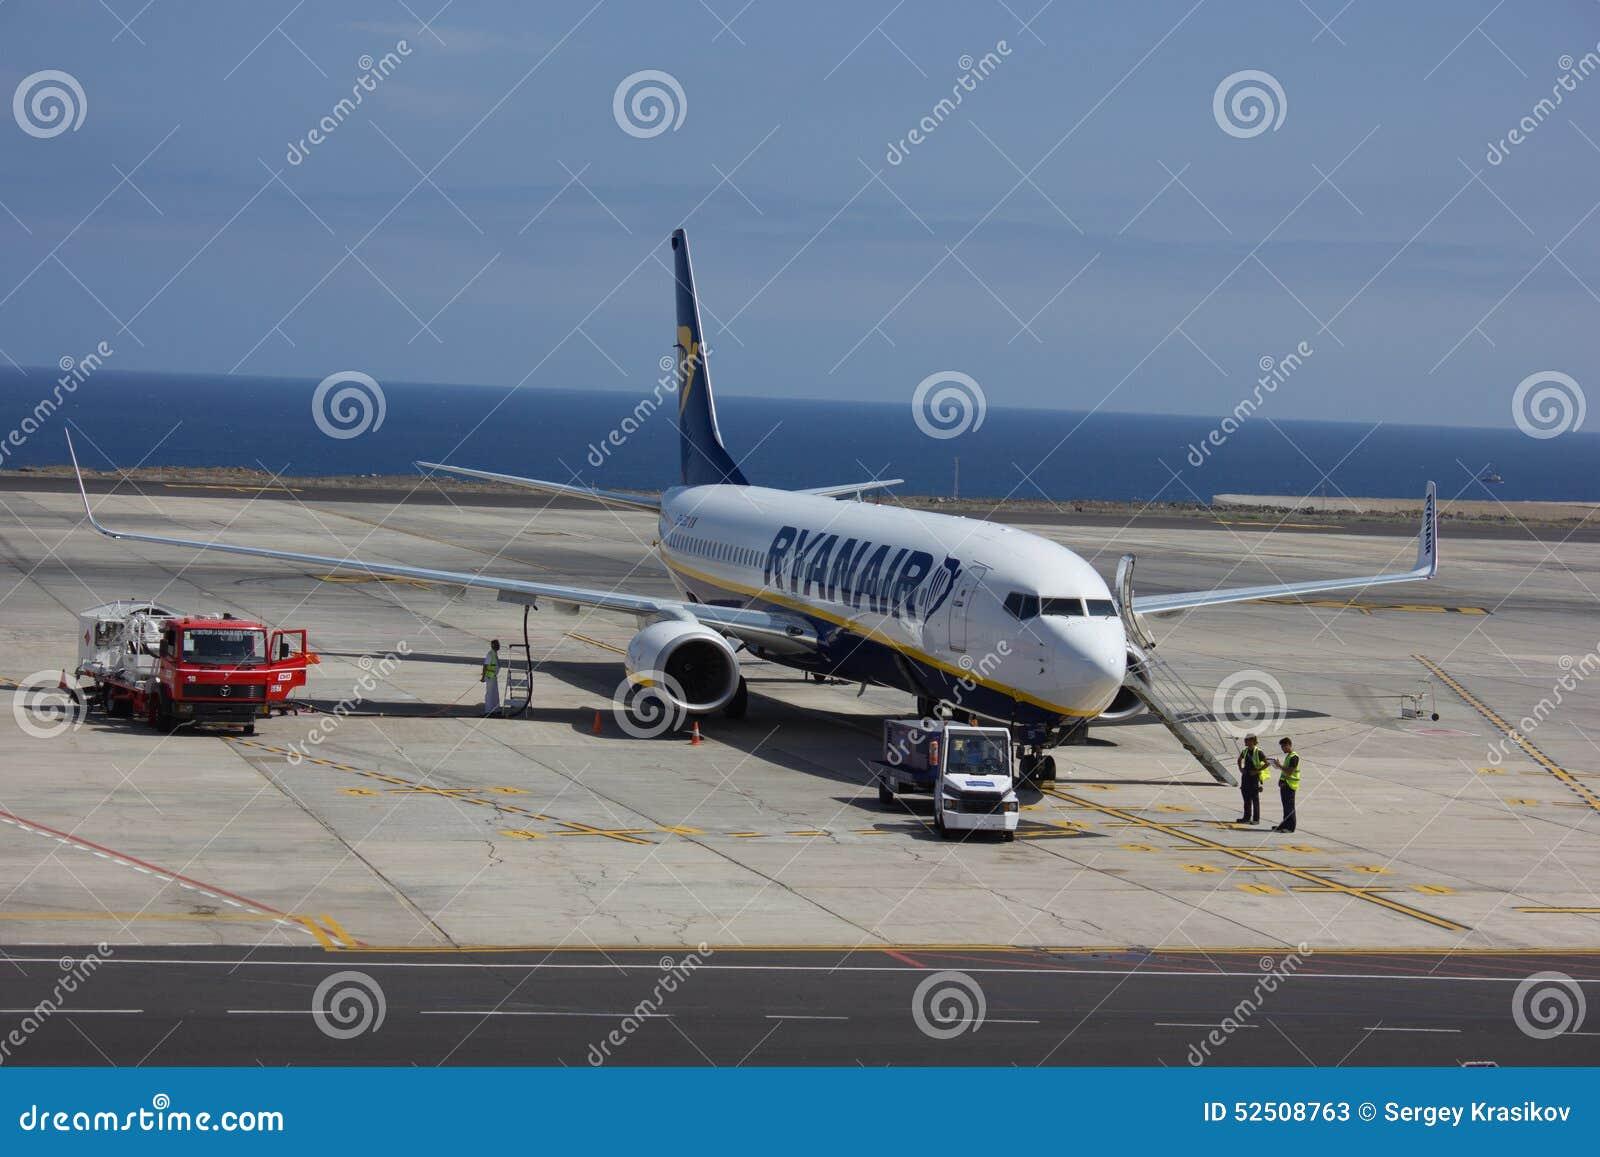 TENERIFE, SPAIN - JULY 16, 2014: Ryanair Plane Is ...